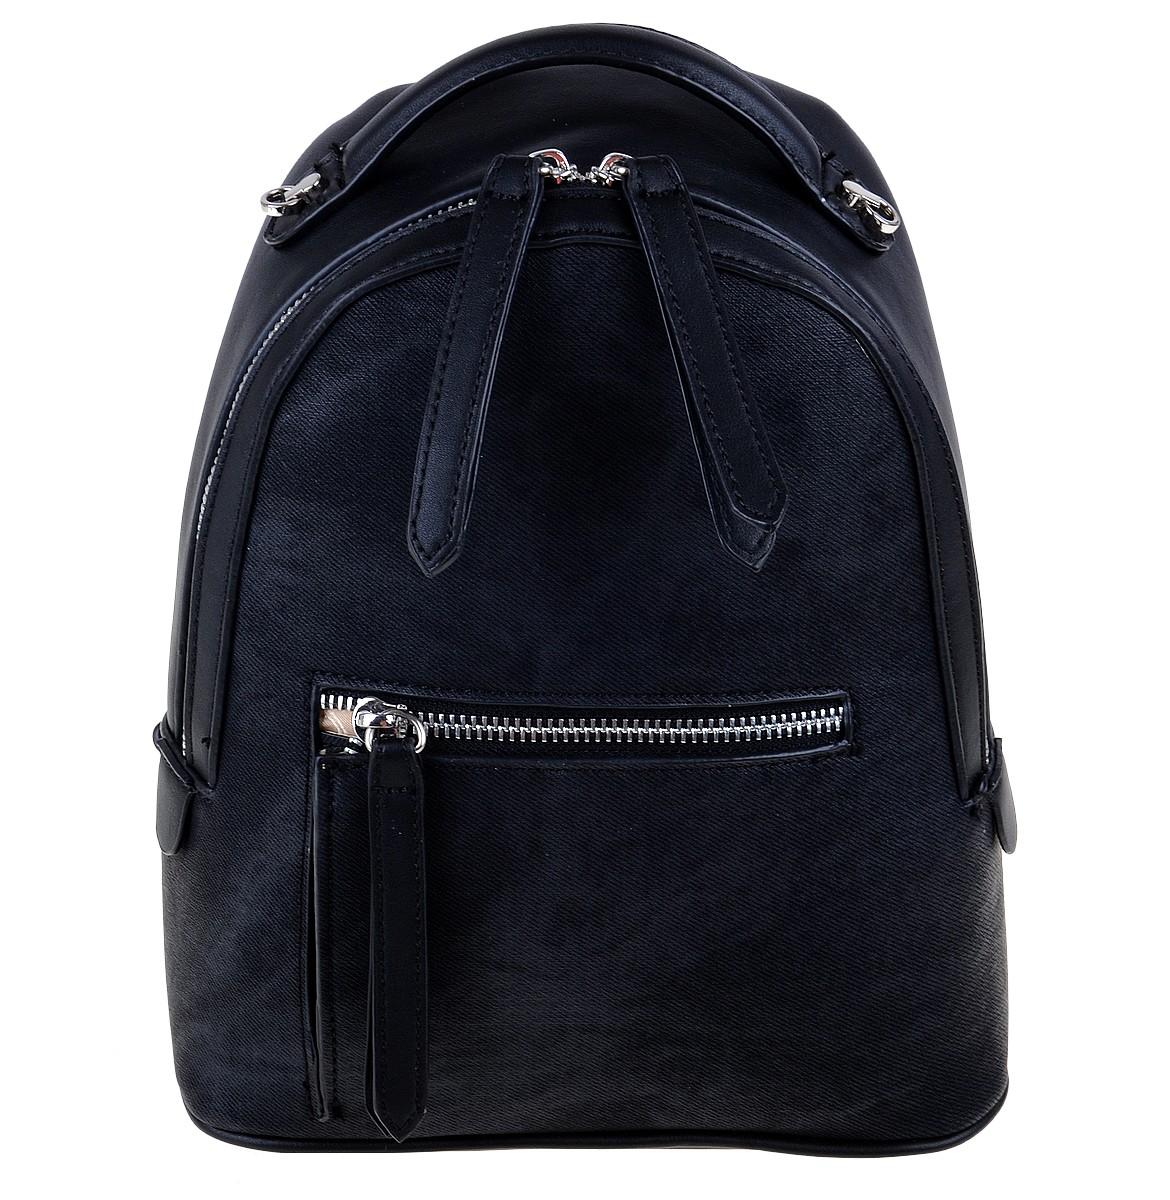 Рюкзак женский Dispacci, цвет: черный. 3259932599Модели итальянского бренда Dispacci совмещают в себе стиль, практичность и безукоризненное качество изготовления. Чтобы ваш рюкзак сумка всегда оставался в целости и выглядел как новый, дизайнеры Dispacci продумали его конструкцию до мельчайших деталей. Вся фурнитура, пряжки, замки и молнии сделаны из металла, а места креплений лямок и верхней ручки прошиты крепкими нитками. Мы предлагаем очень практичную модель с вместительным центральным отделением и наружным карманом, который закрывается на молнию. Для удобства открывания все замки снабжены стильными цифрами из экокожи. Рюкзак в комплекте с широким ремнем декорированным цветочками из экокожи в цвет изделия. Высота ручки 5 см.